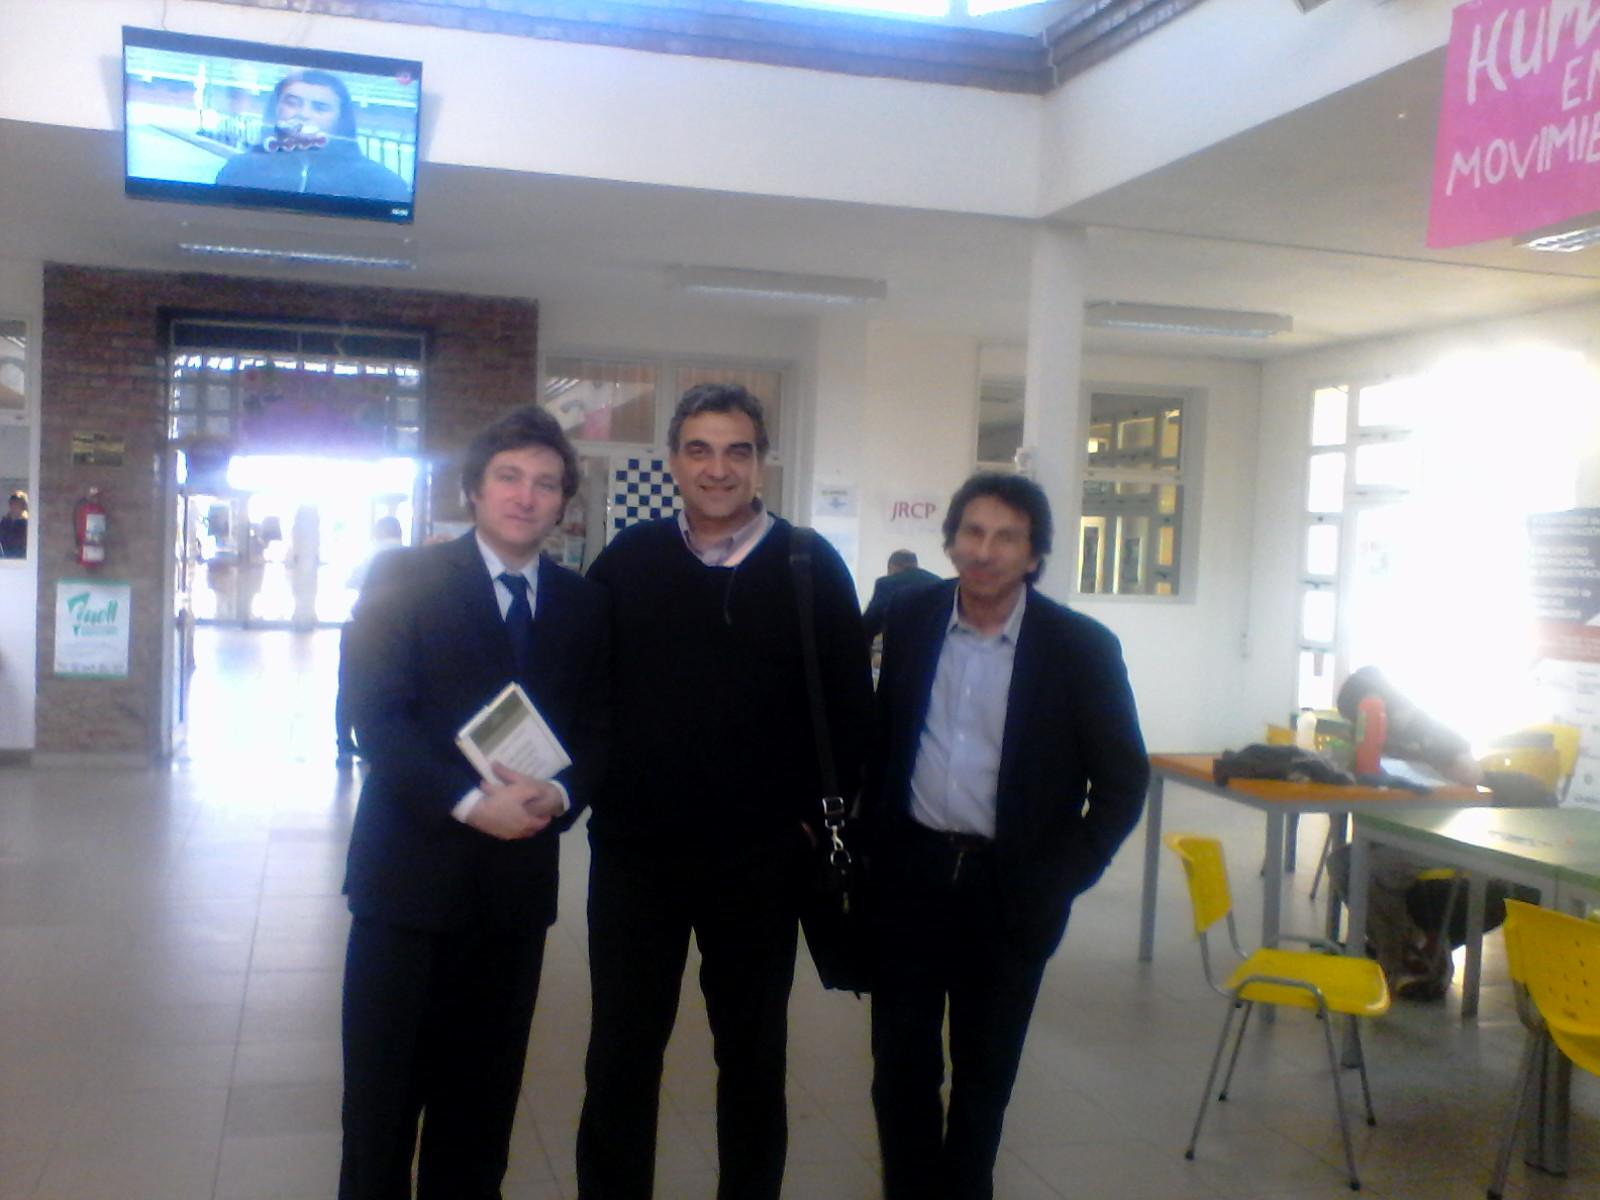 Junto con el economista liberal Javier Milei